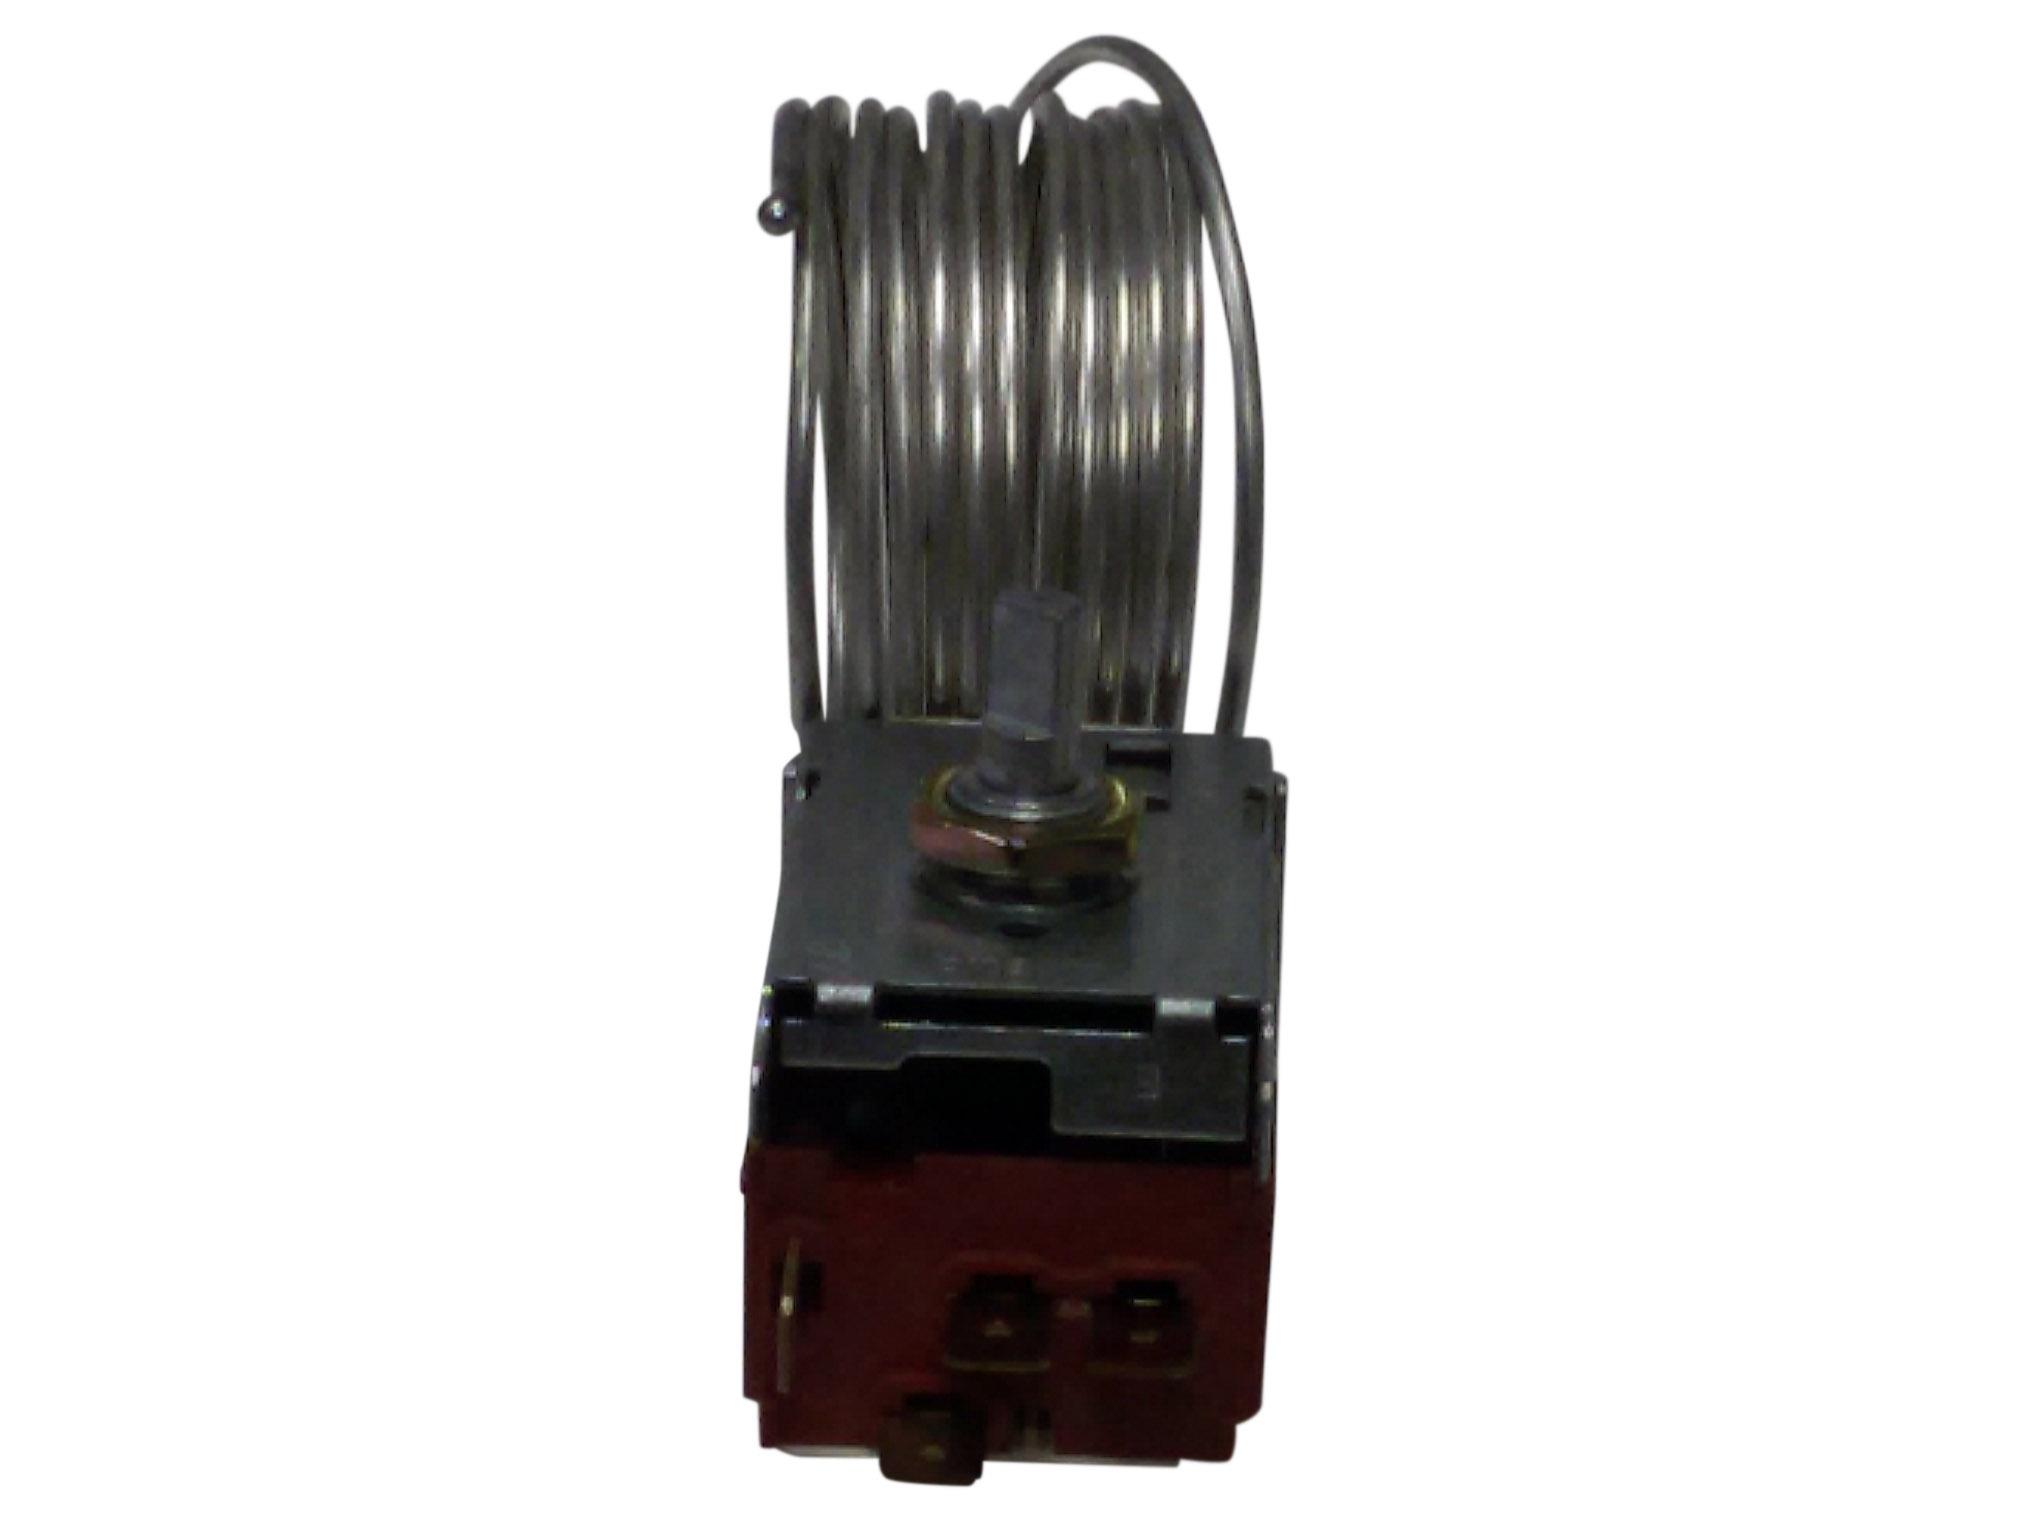 Gorenje Kühlschrank Thermostat Wechseln : Thermostat kühlschrank danfoss b  thermostat